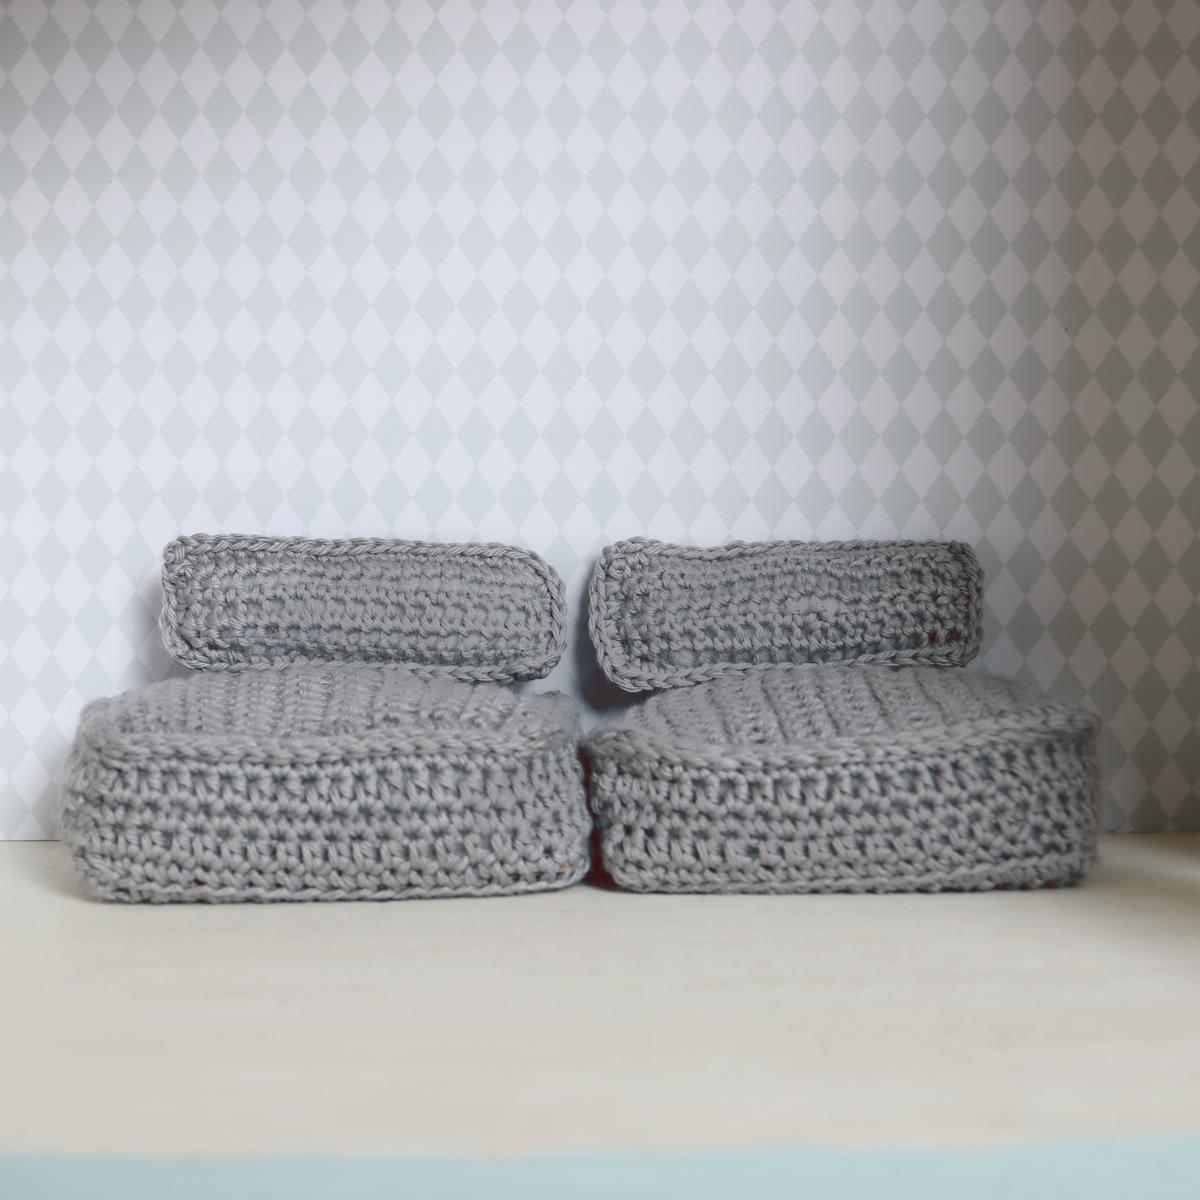 Crochet modern couch (